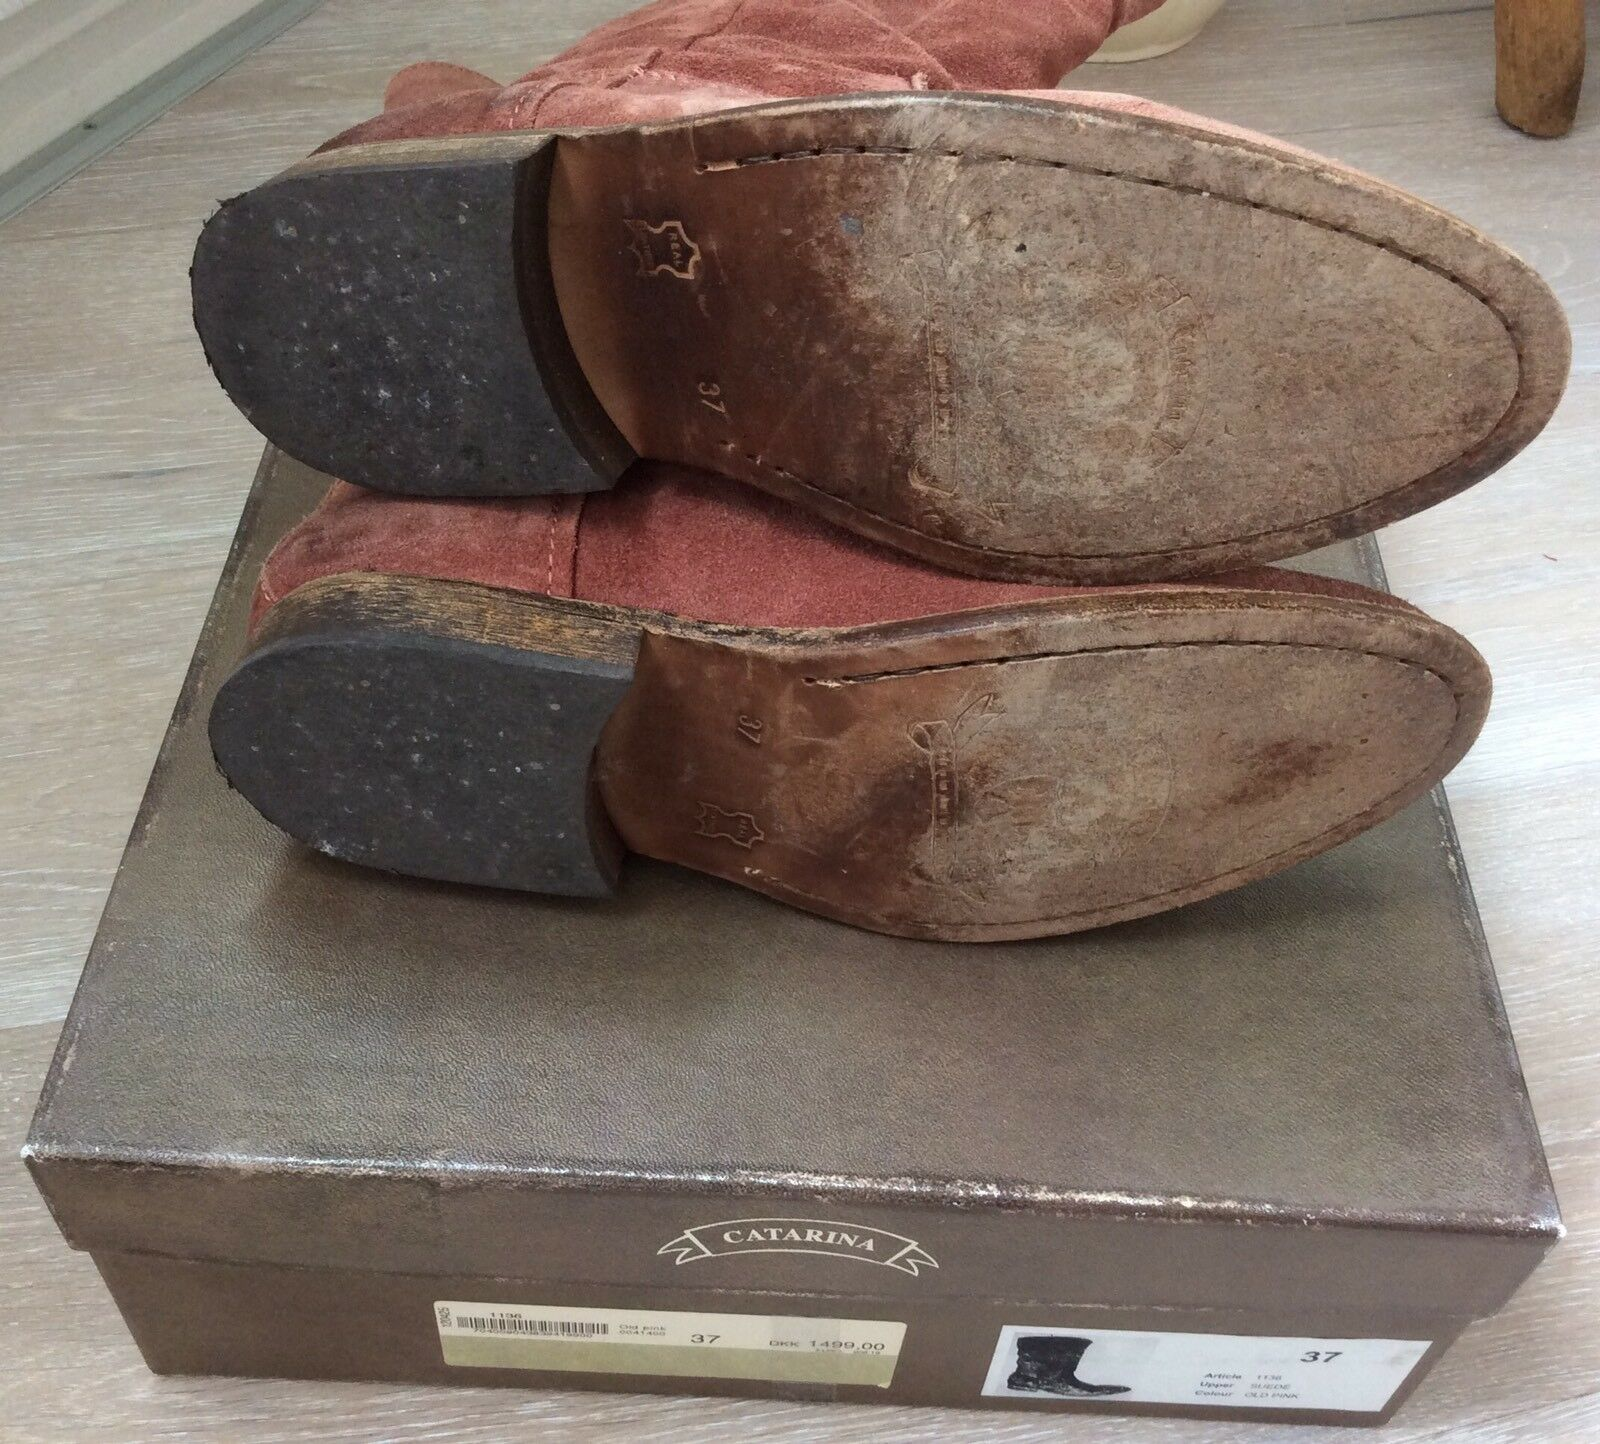 Catarina CM Stiefel Stiefel Stiefel Boots vintage Rose Odd Impressionen 51e954